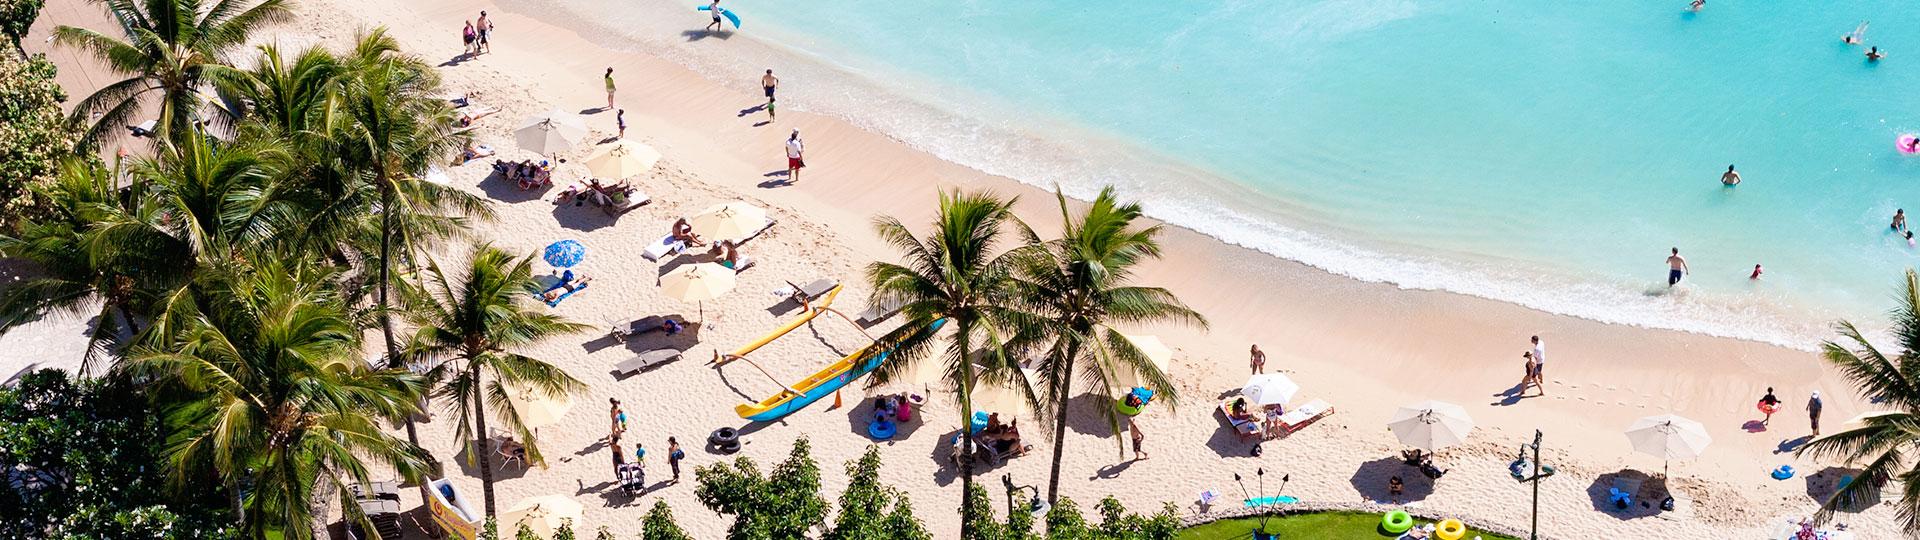 Beaches of Honolulu, Hawaii Hotel